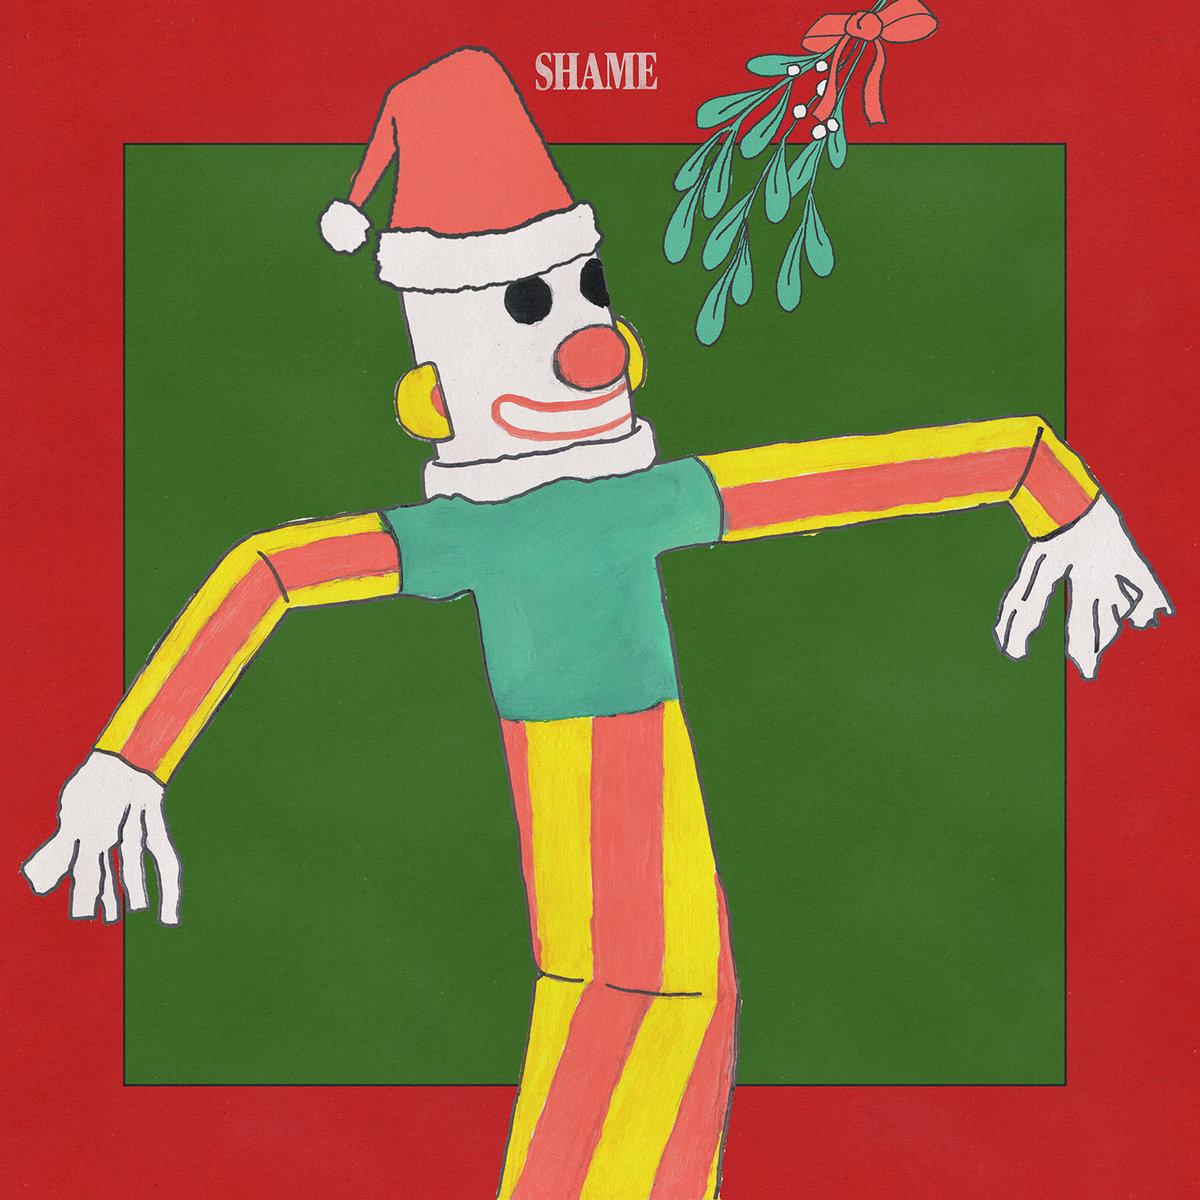 Shame - Feliz Navidad